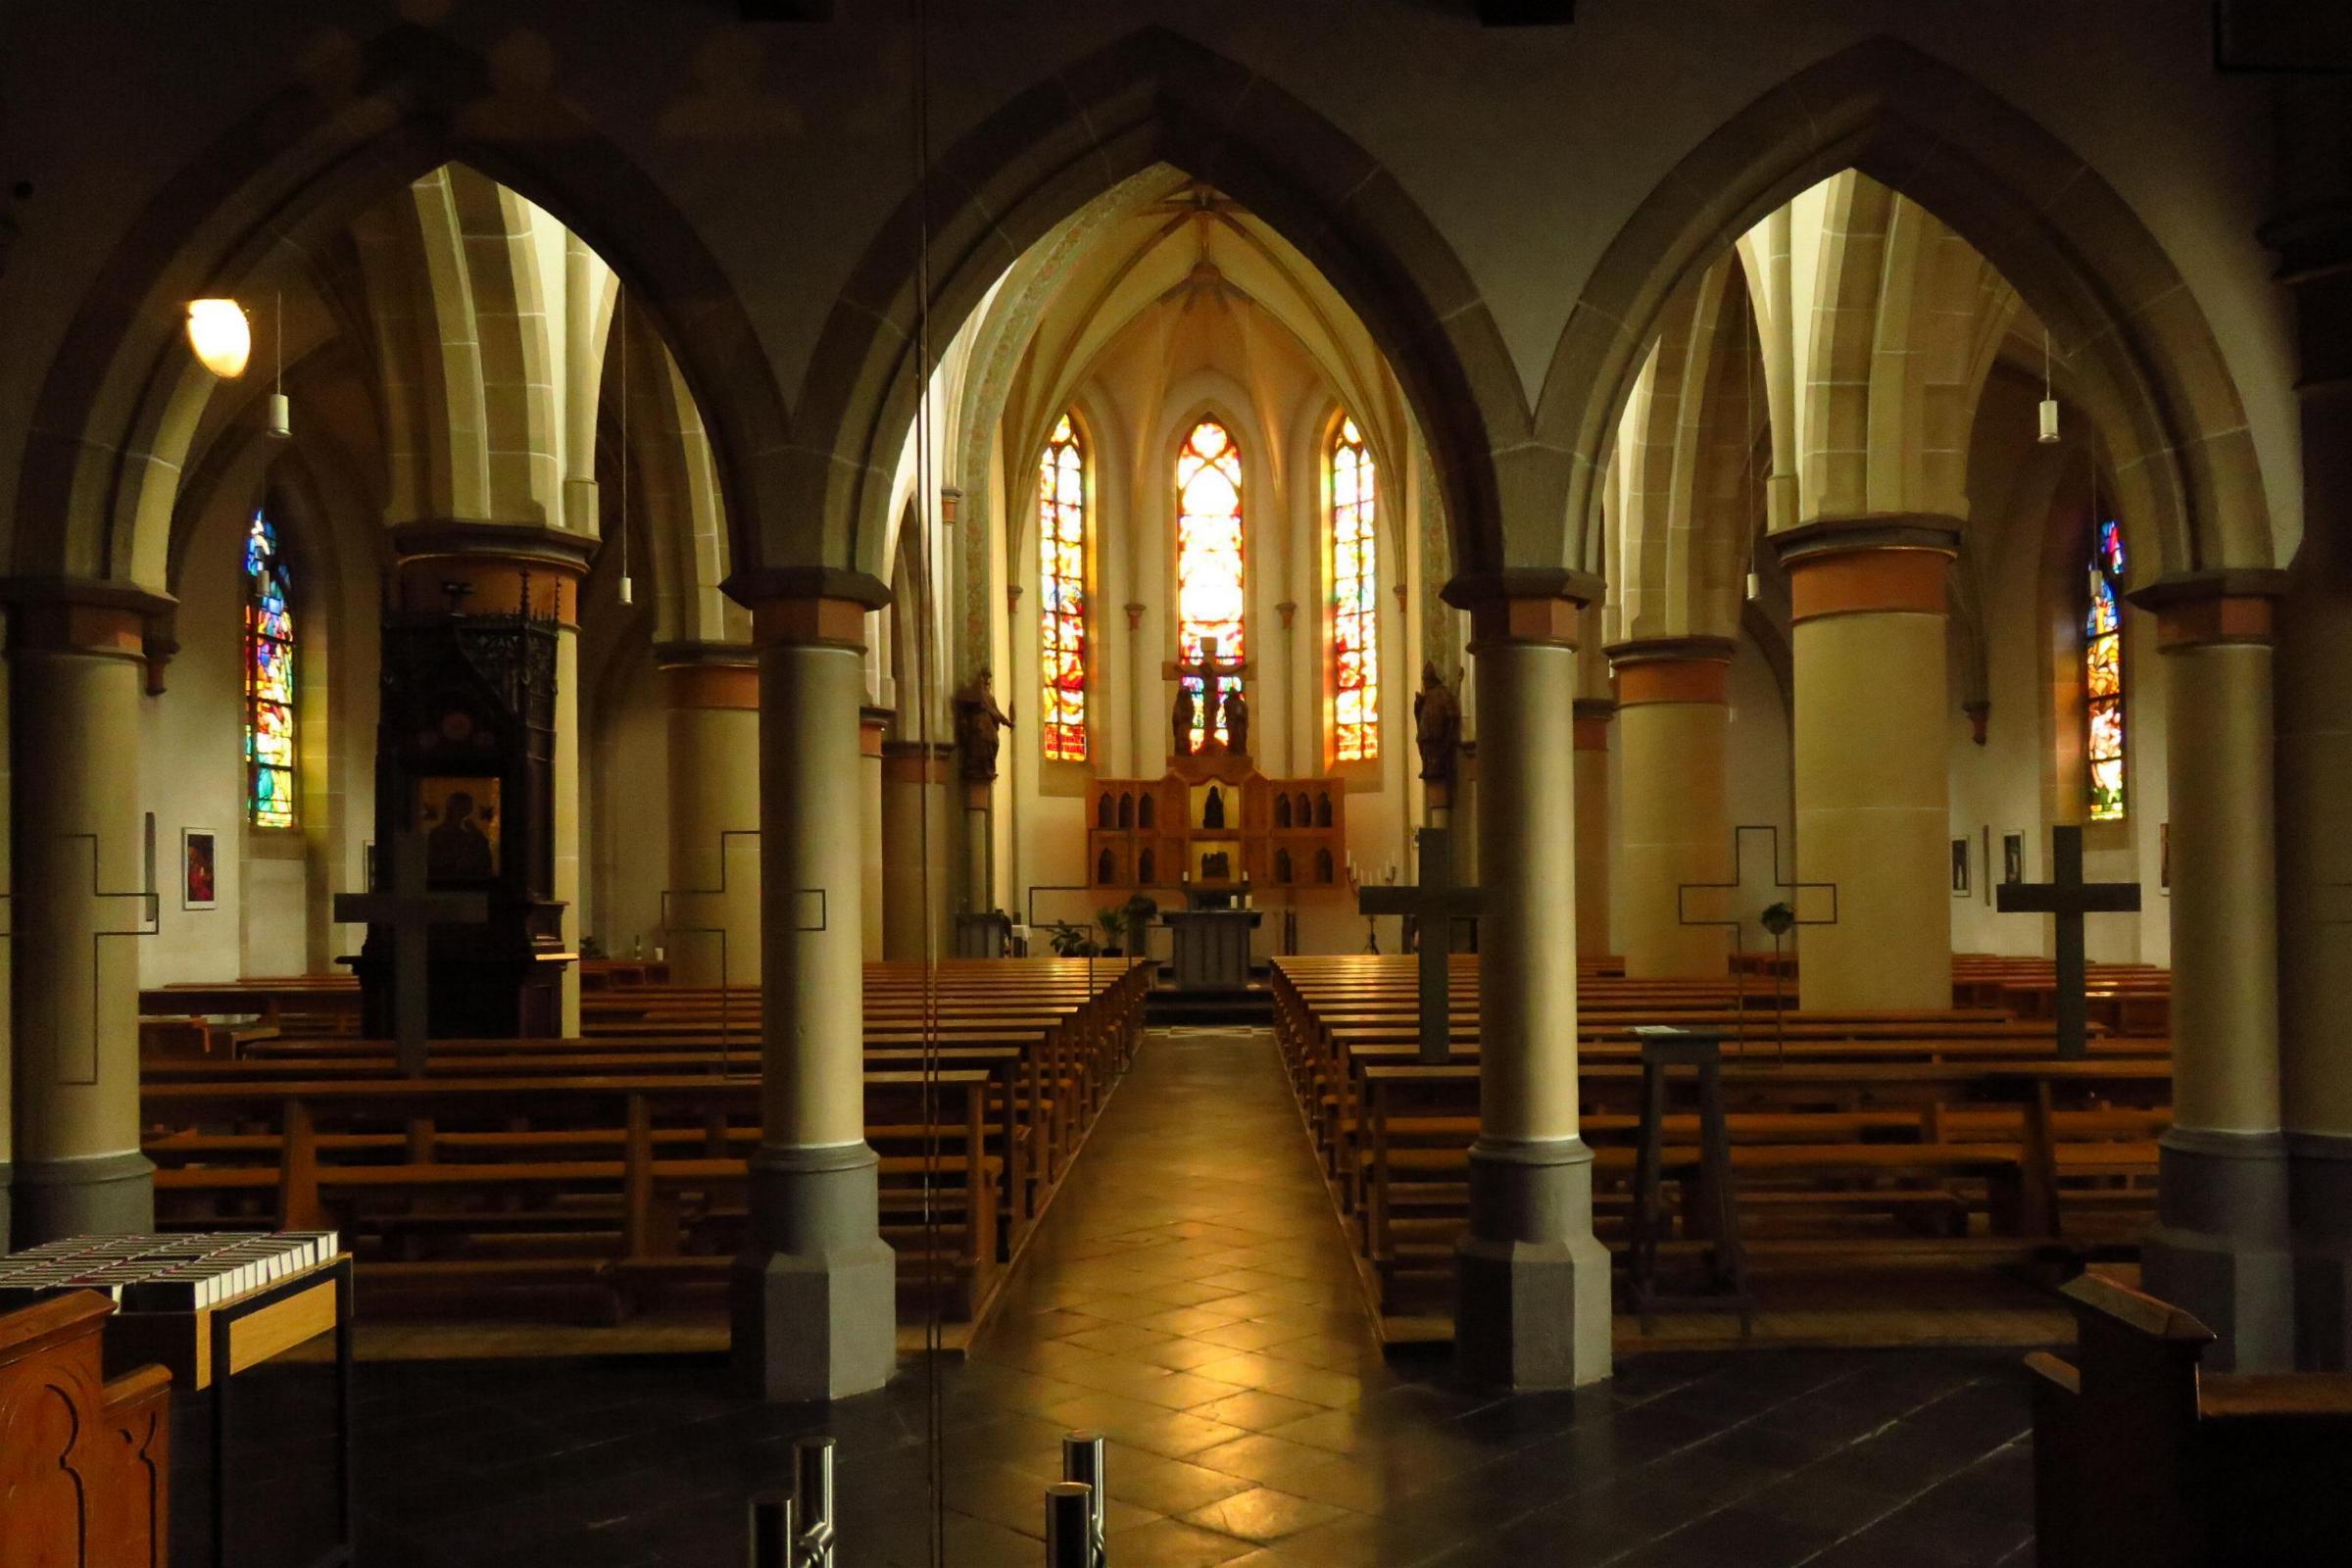 Katholische kirche mönchengladbach hardt